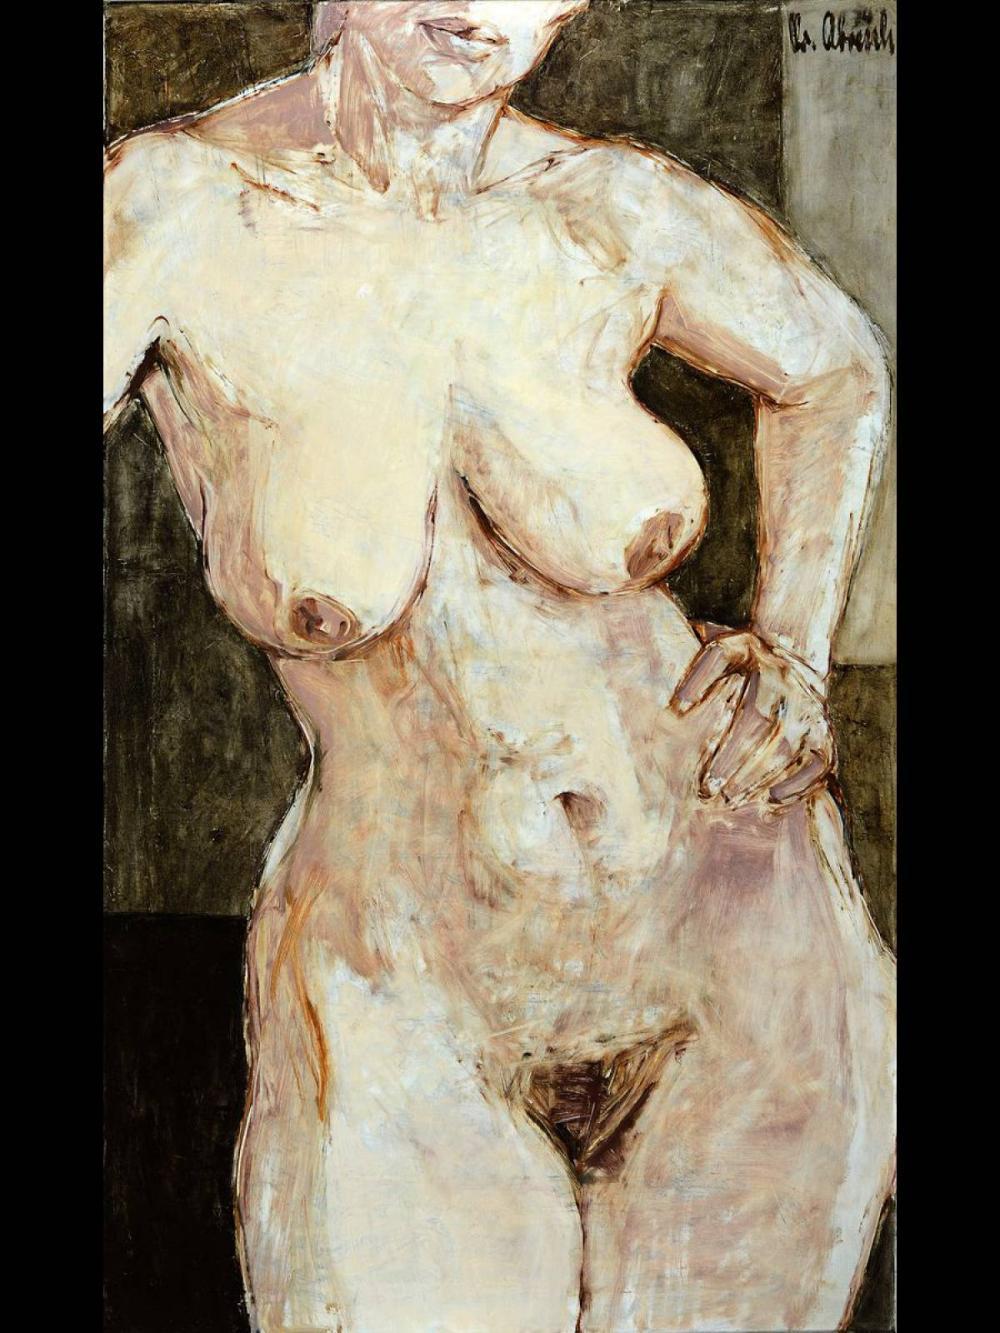 Christel Abresch, 1911 Sulzbach - 2011 Neustadt